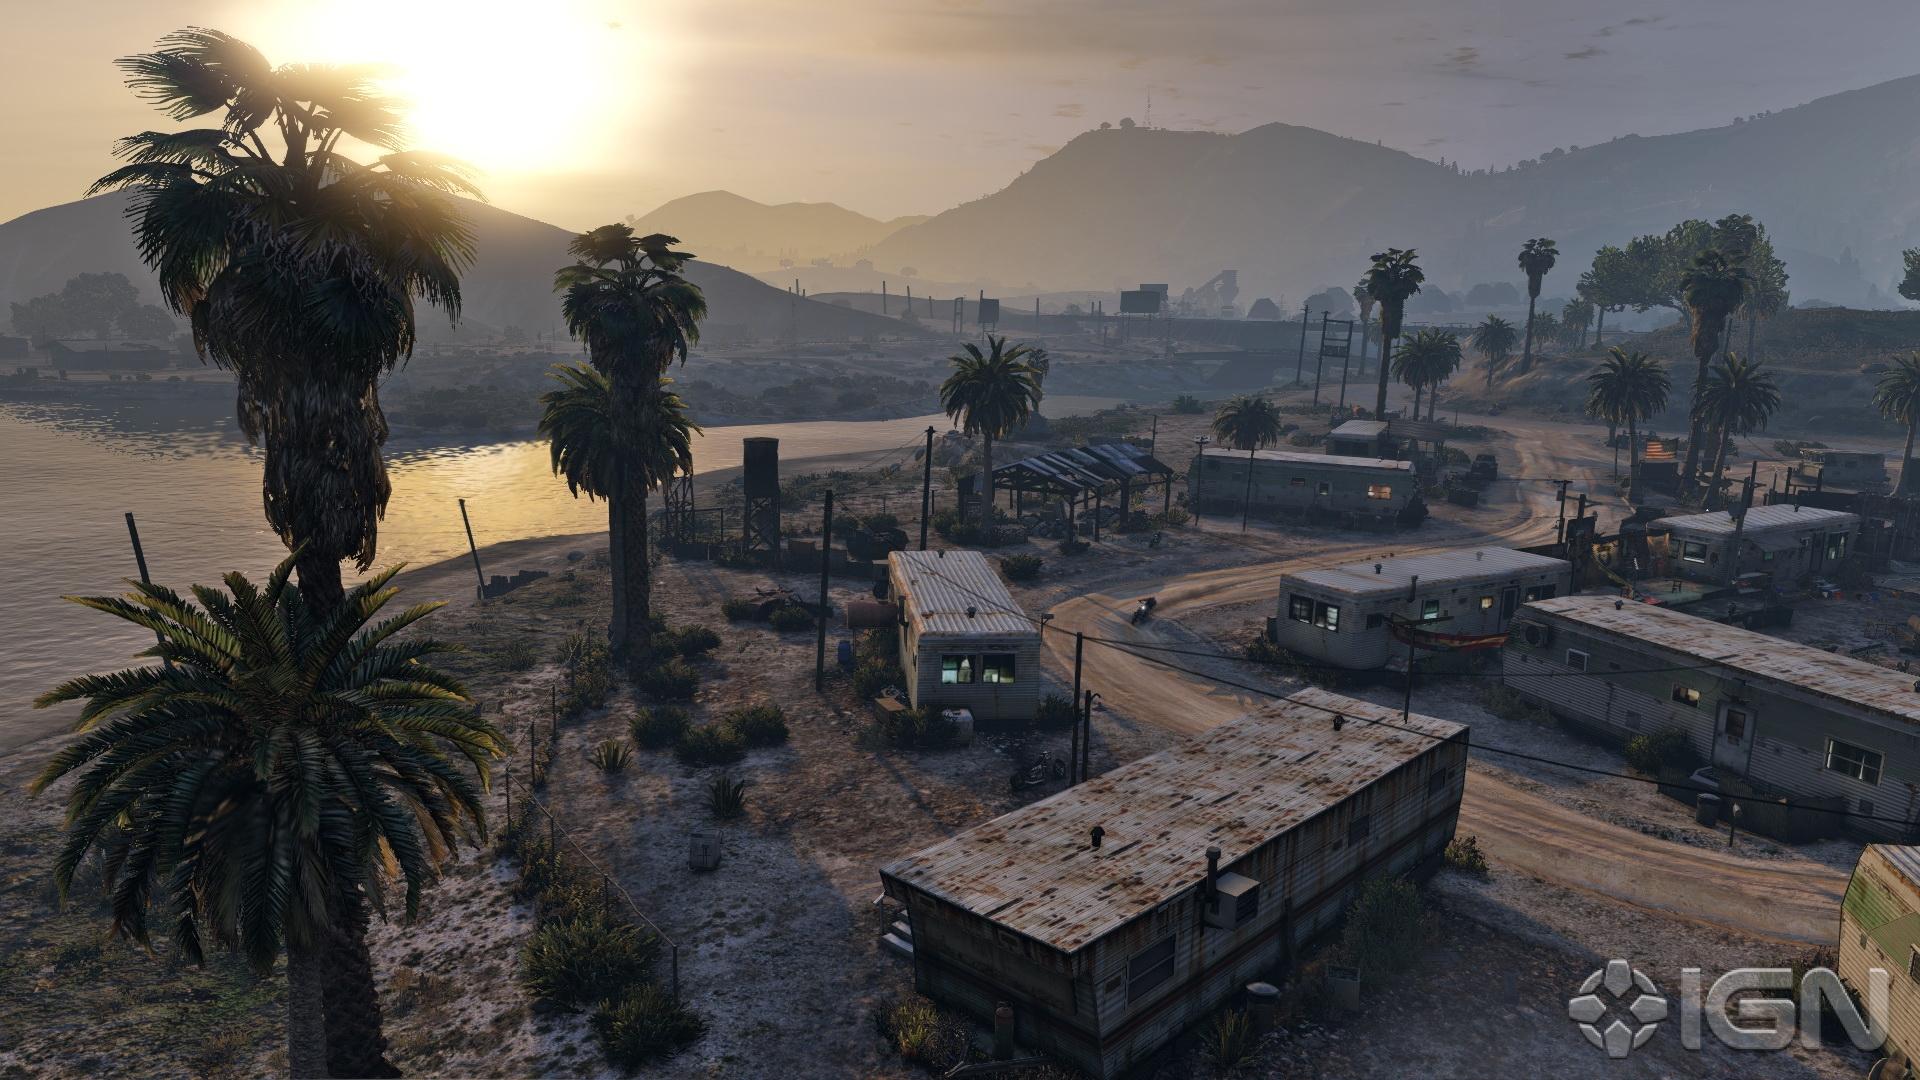 Dalších 25 nových obrázků z Grand Theft Auto V 102011